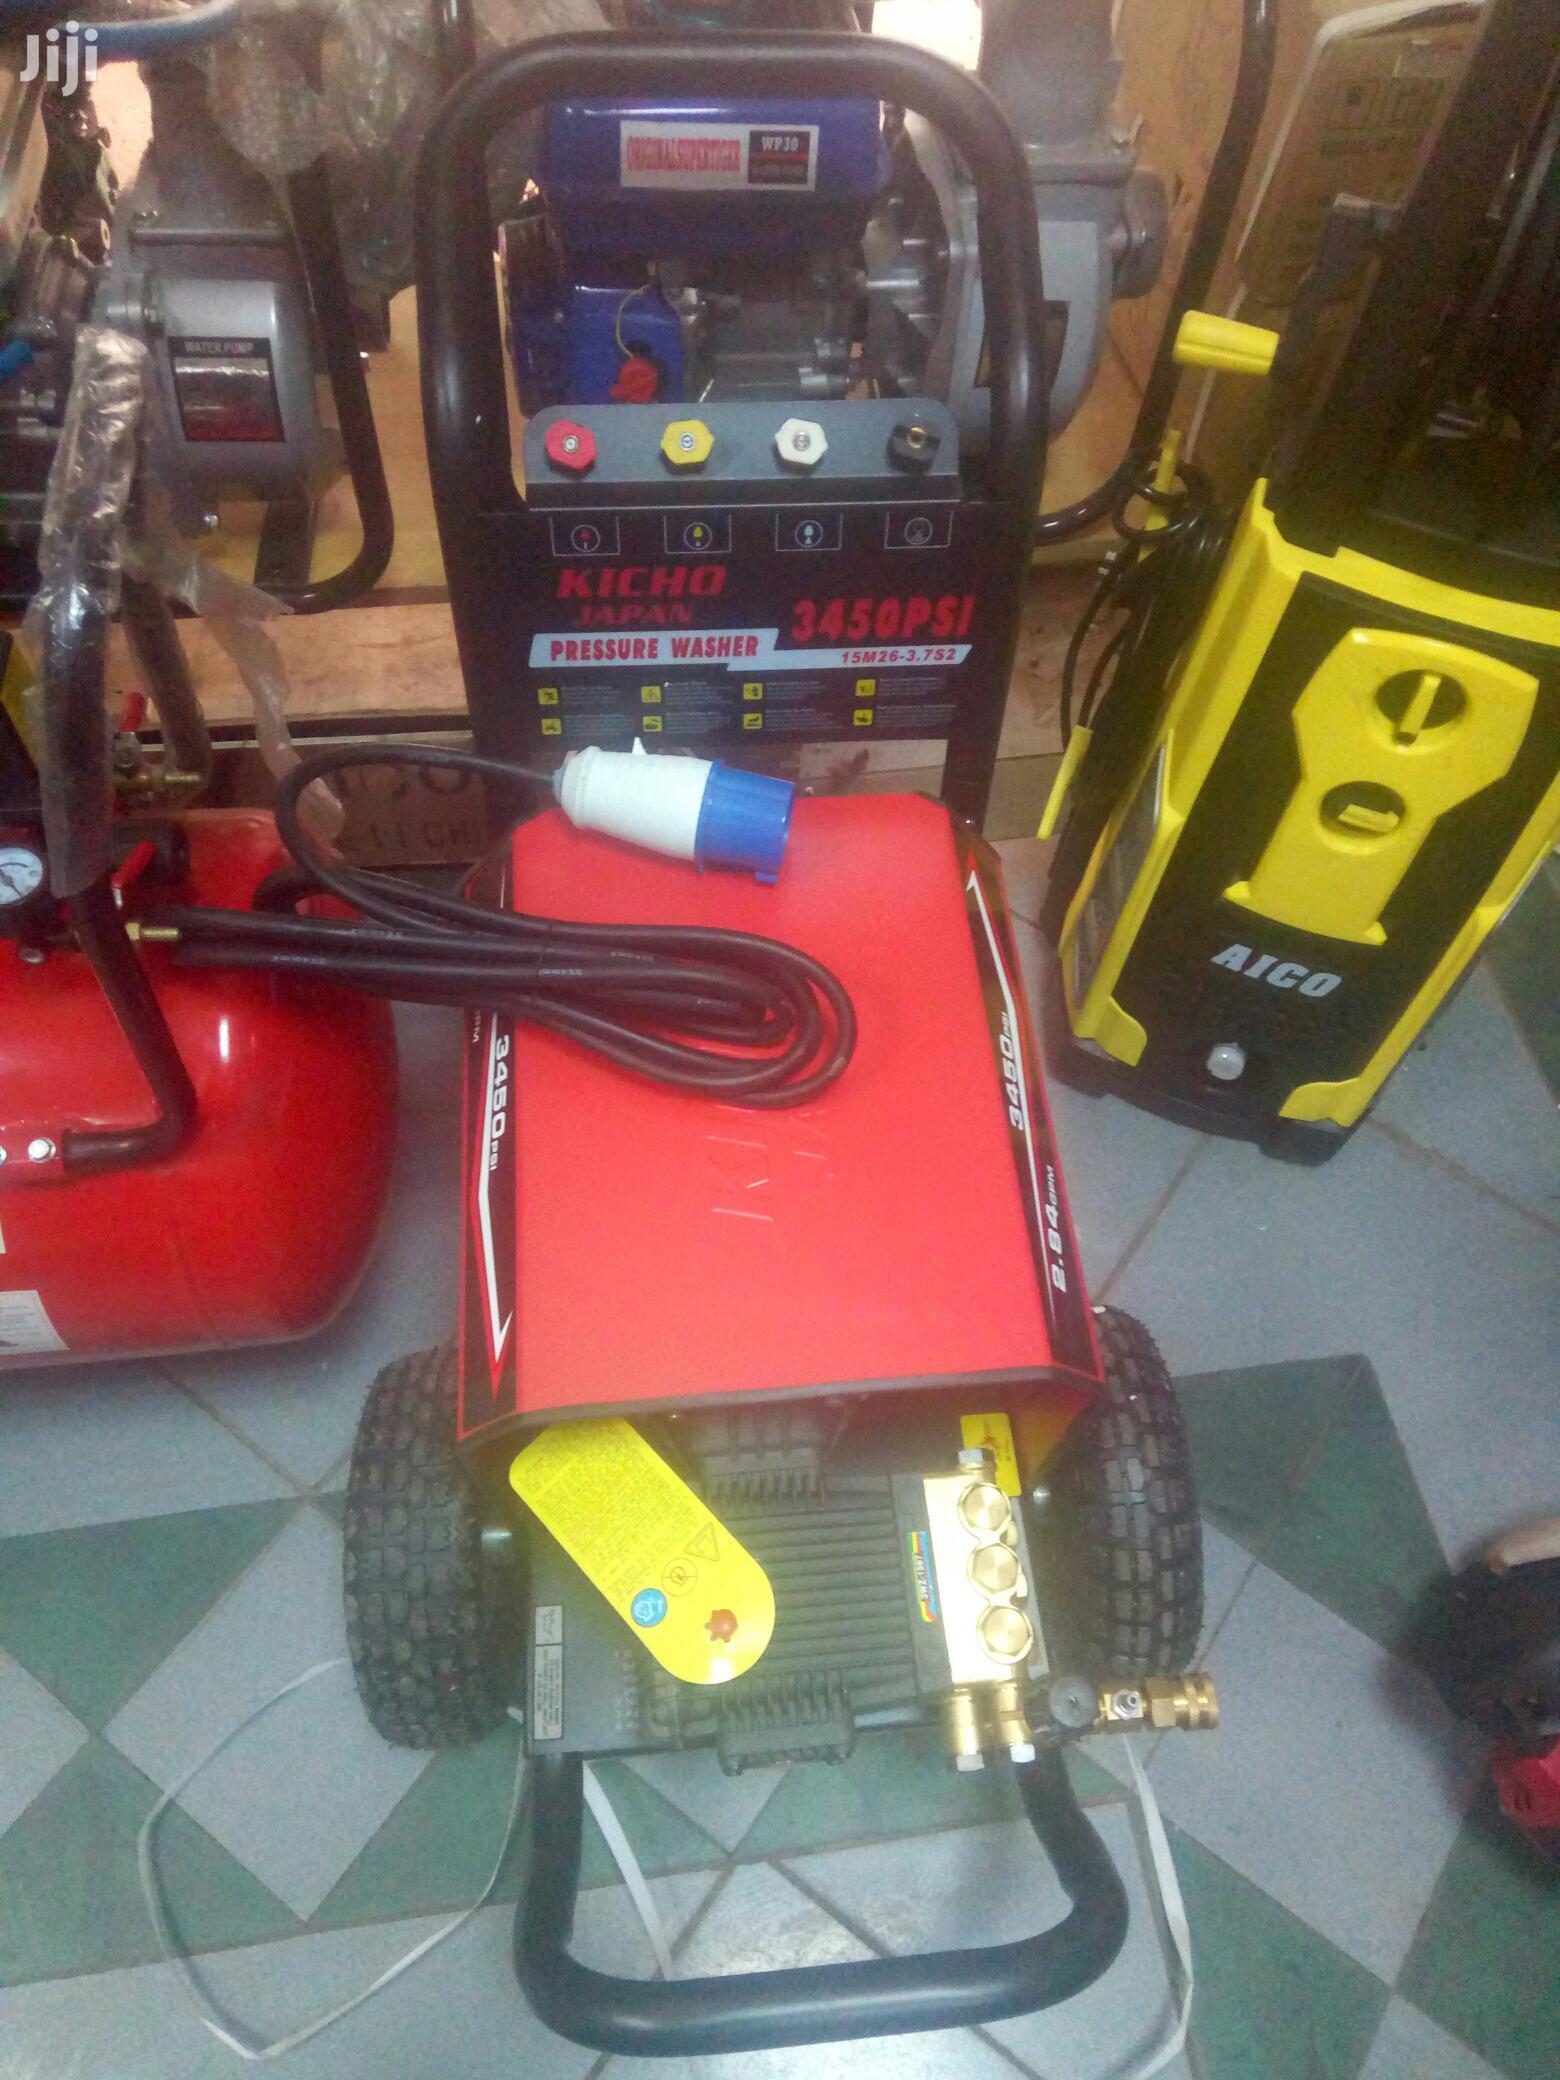 3450psi Kicho High Pressure Washer Machine